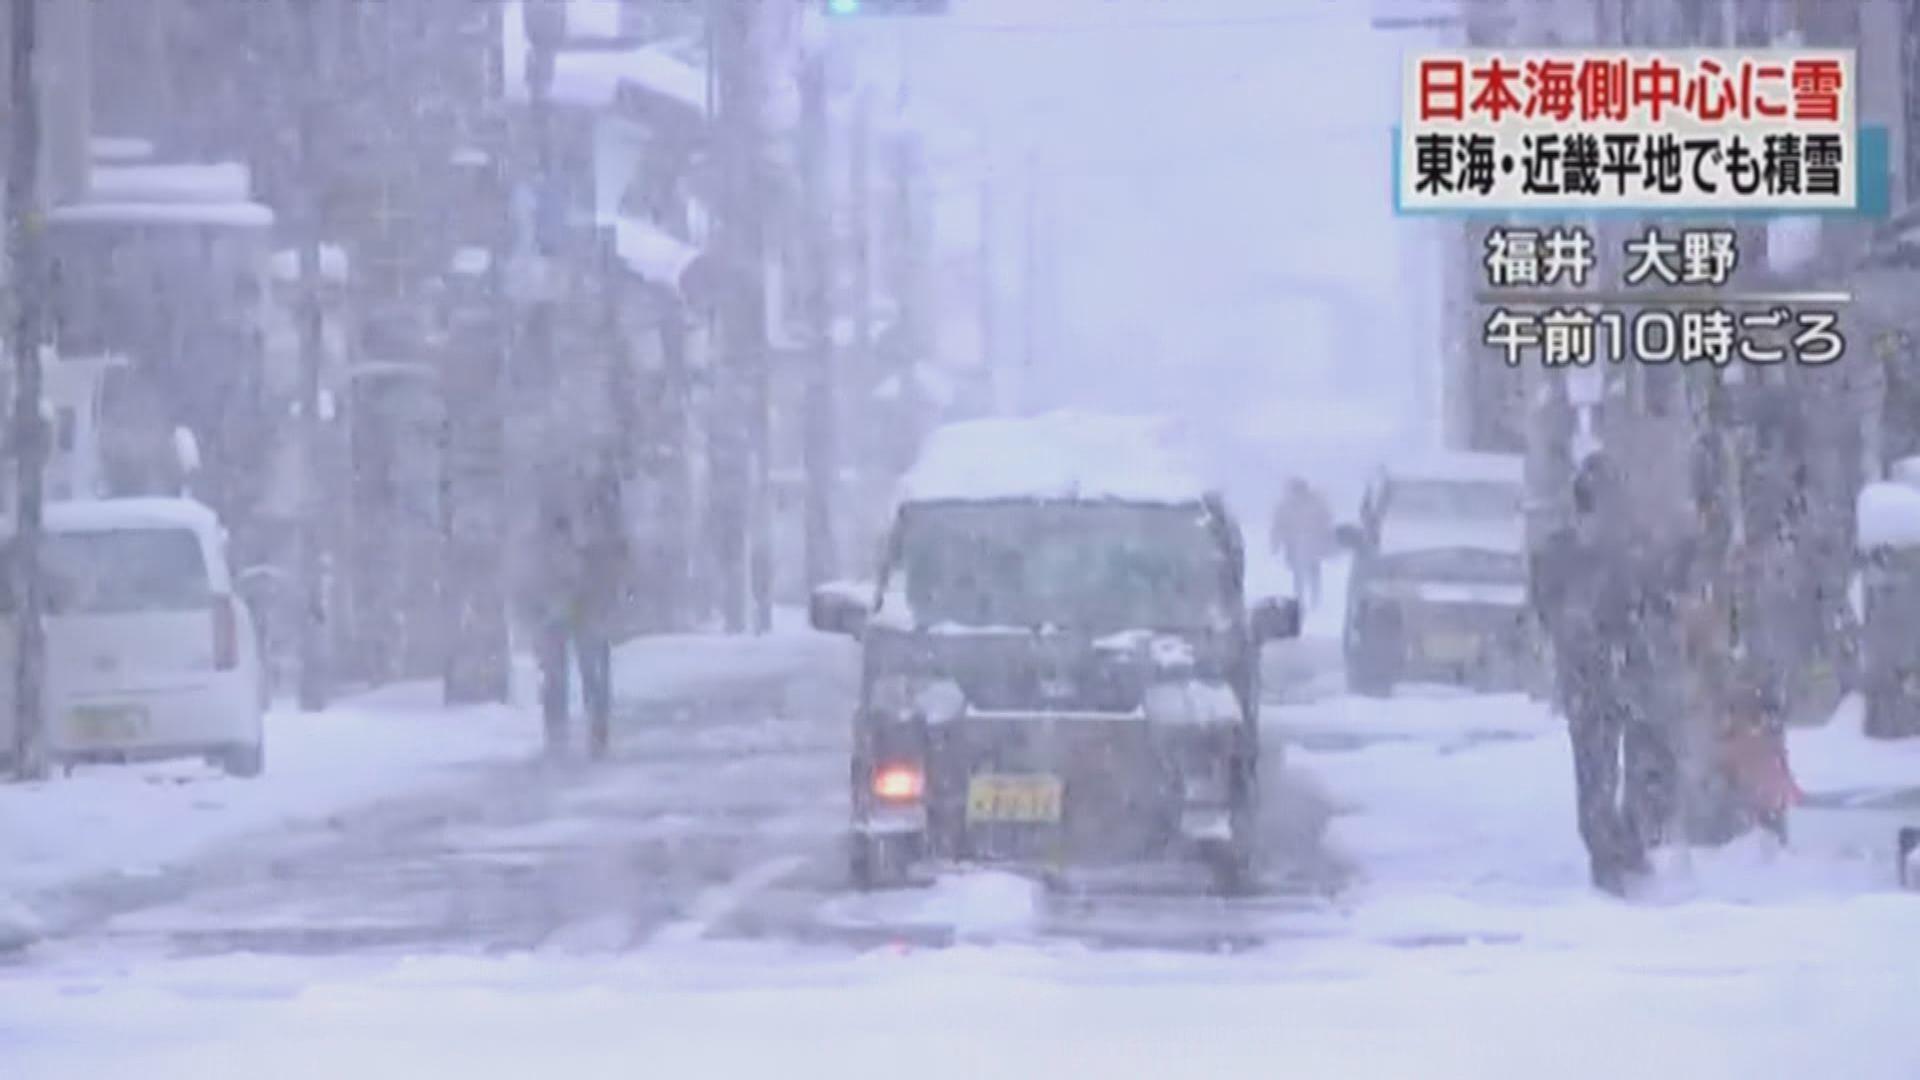 日本北部廣泛地區持續暴雪